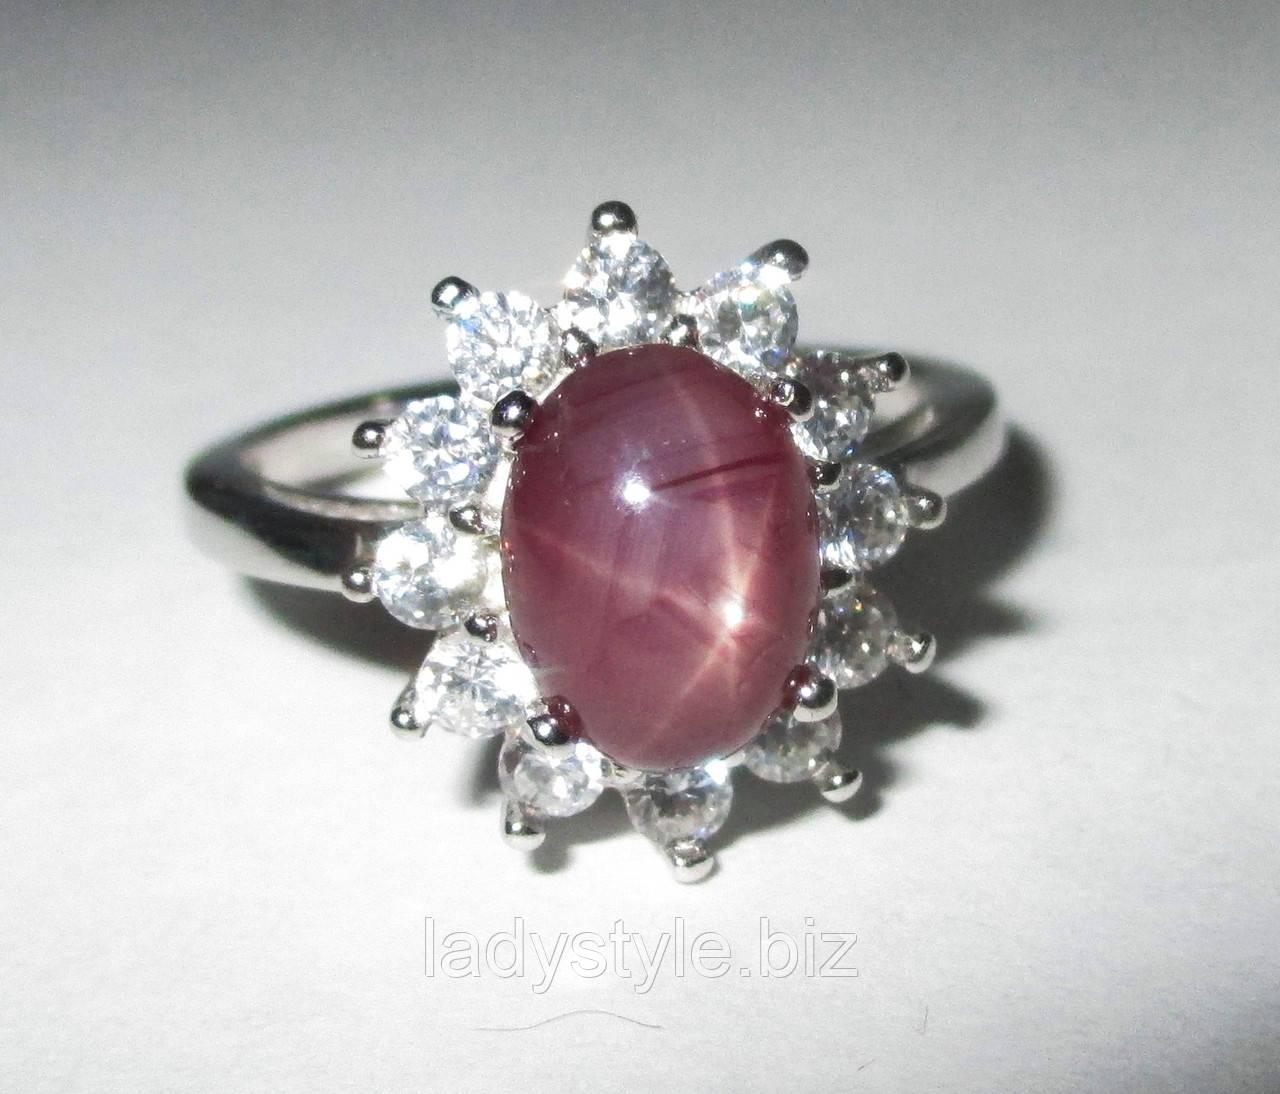 """Серебряный перстень """"Классика """" со звездчатым рубином , размер 17.8"""